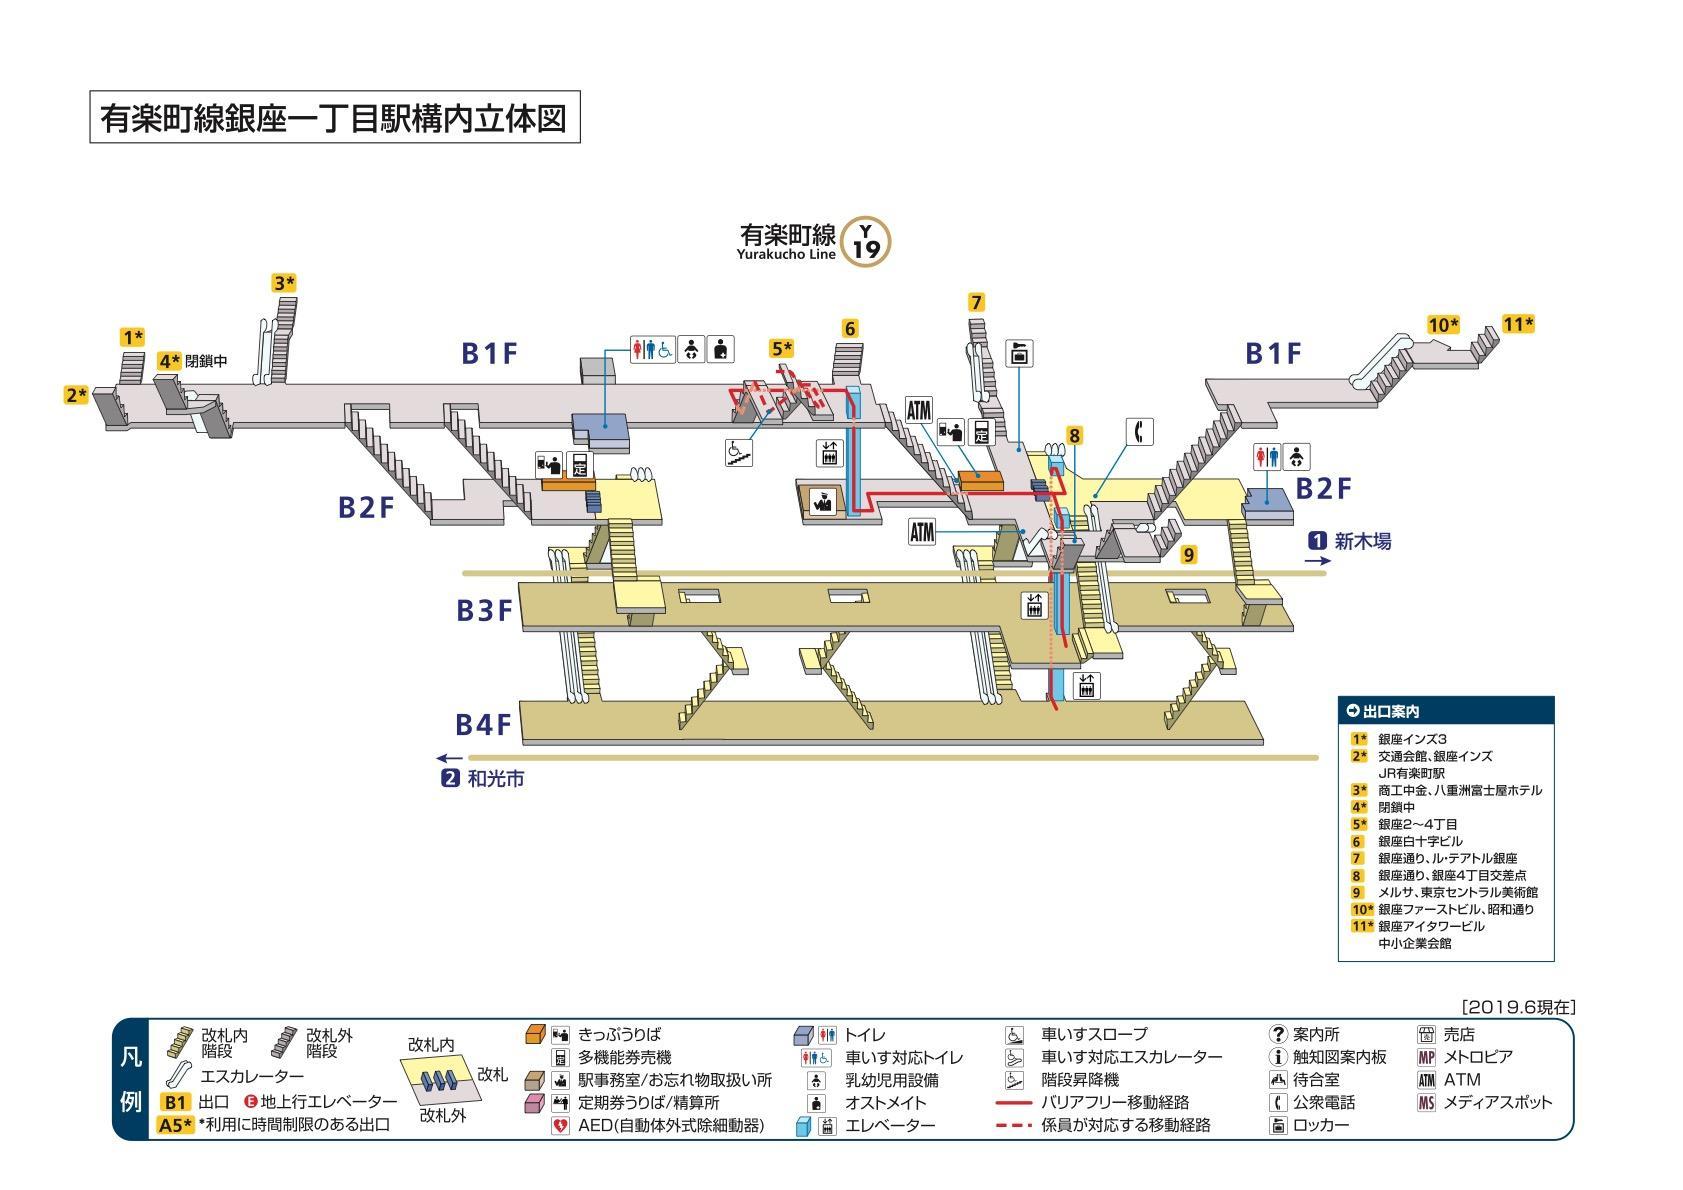 構内図 銀座一丁目駅 y19 東京メトロ